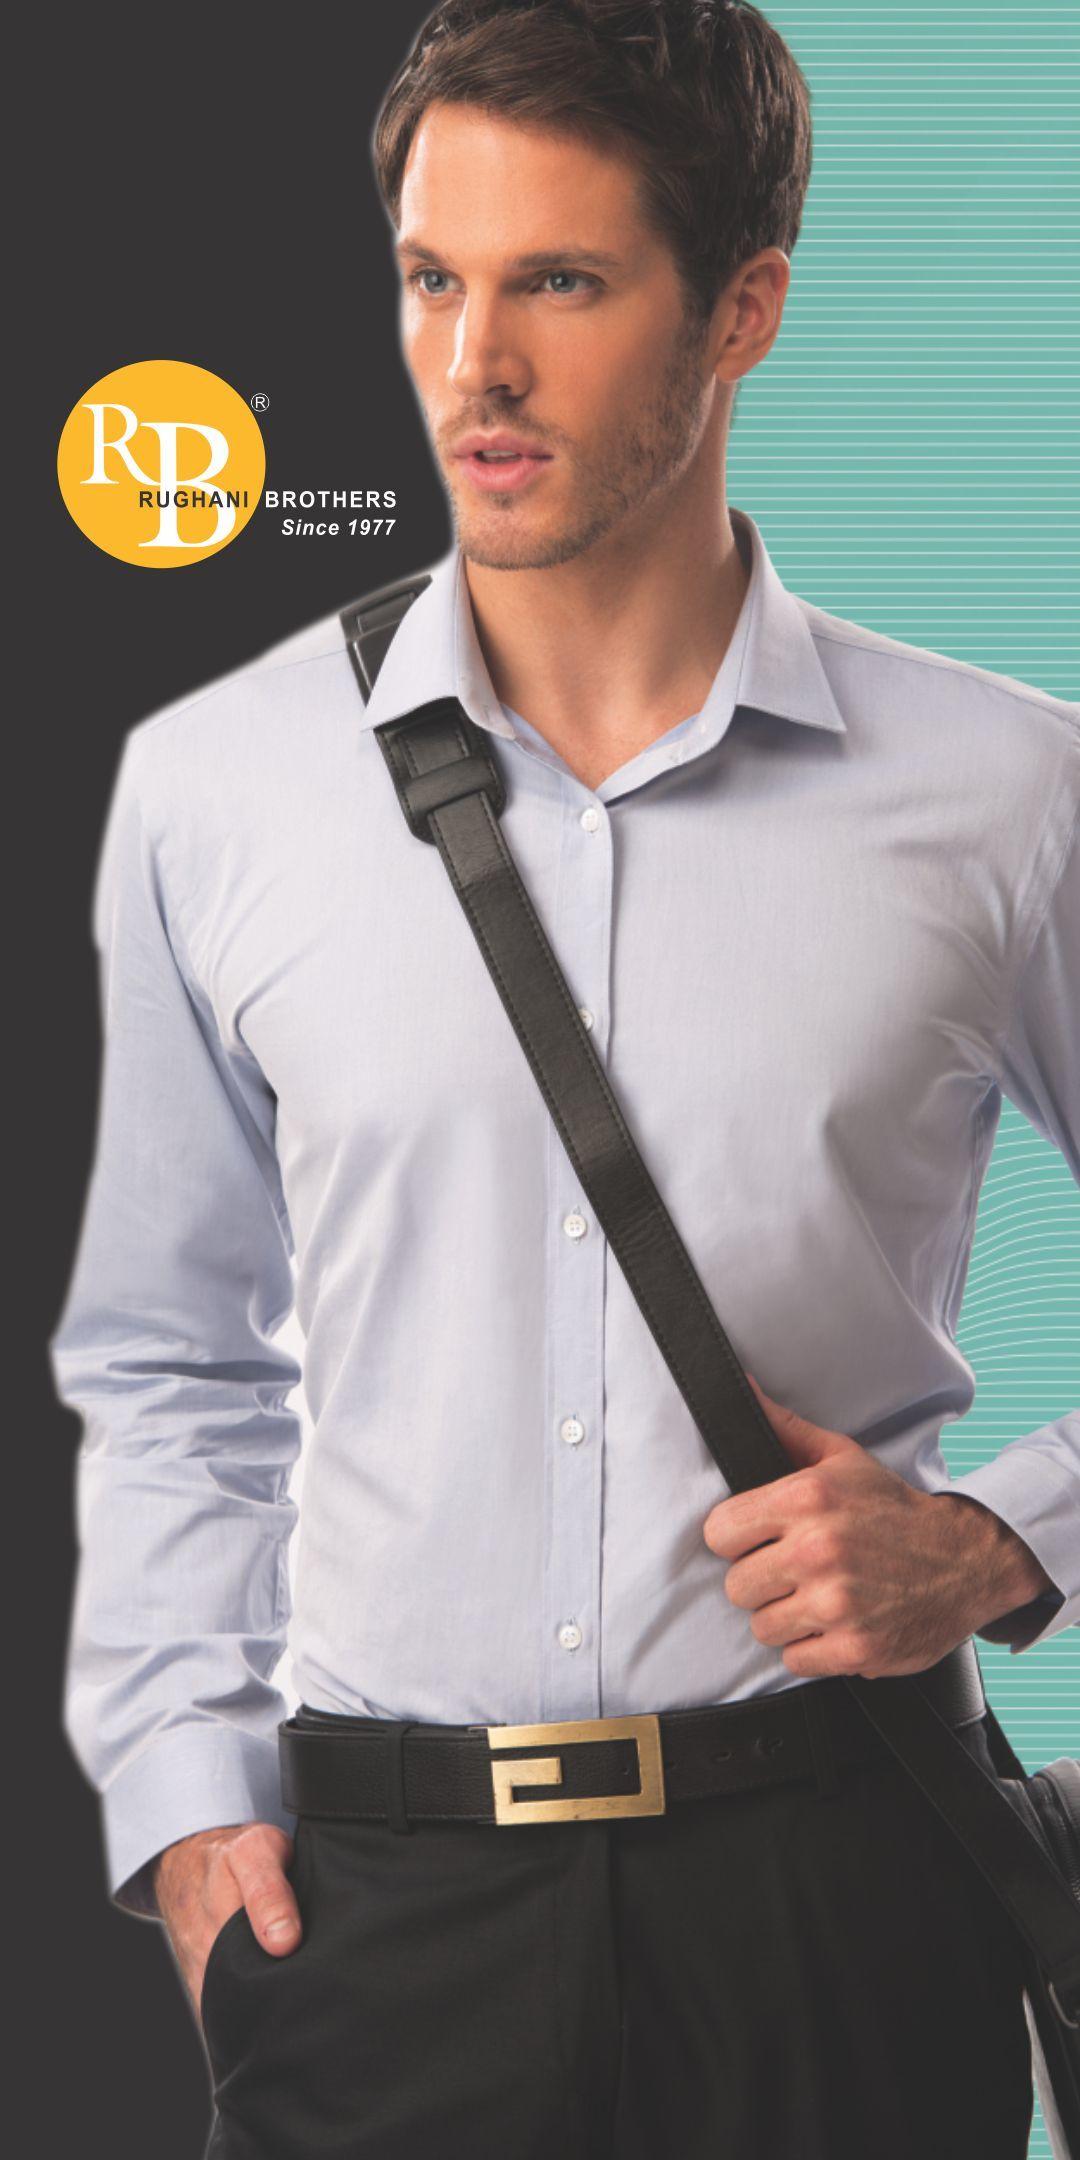 Men's Formal Shirts